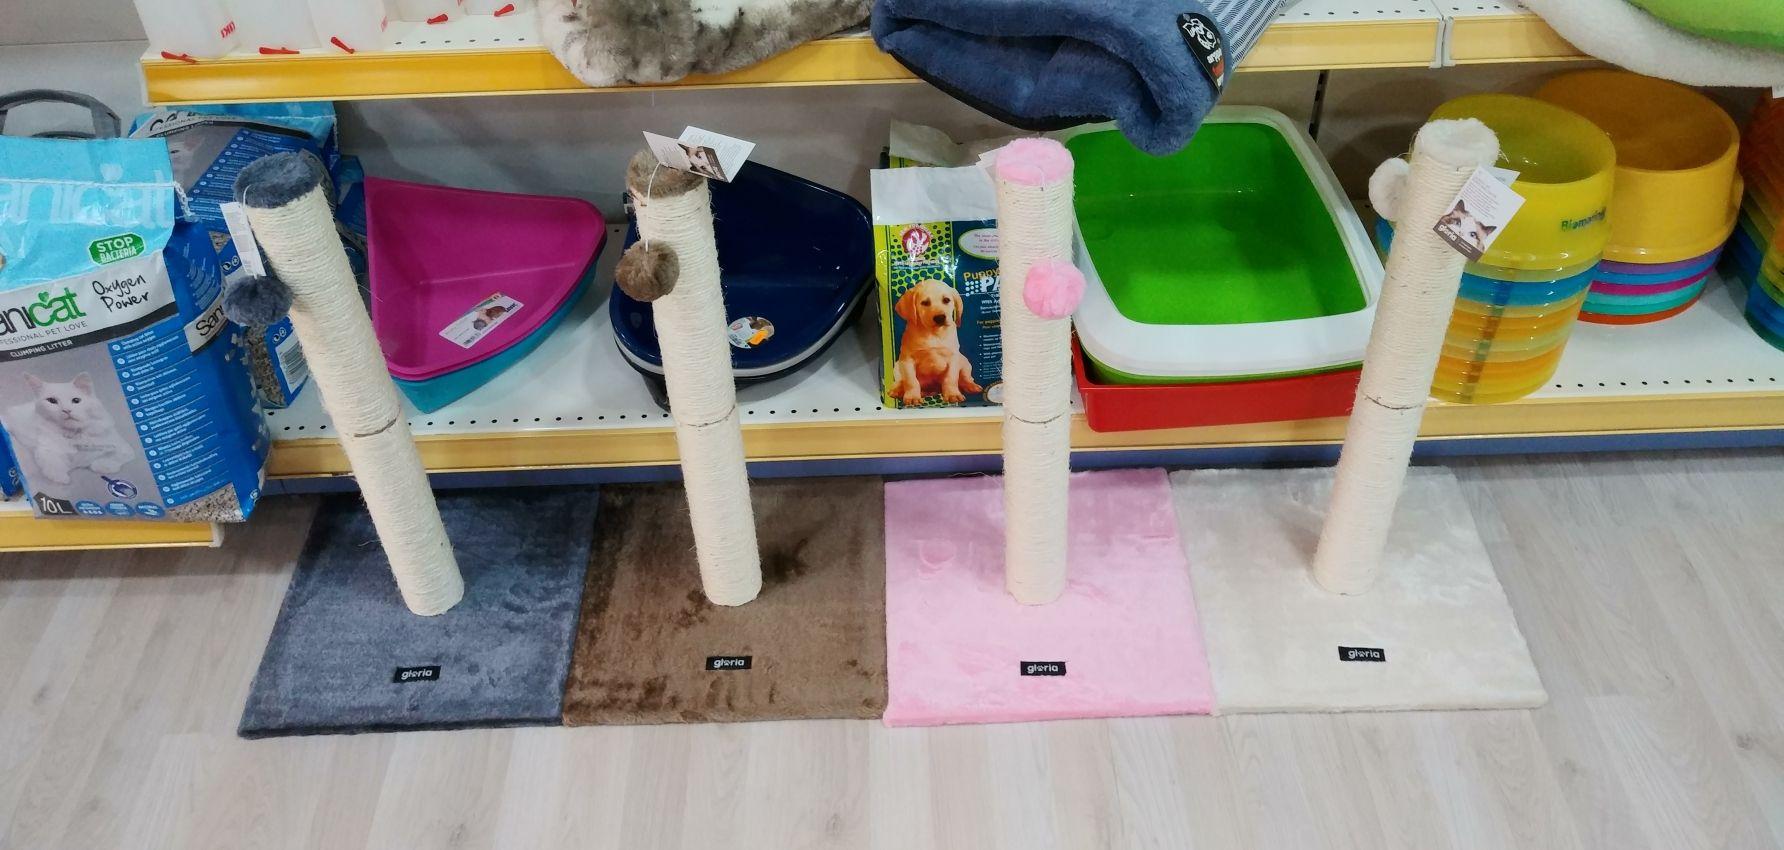 Tienda con accesorios para animales en Valladolid